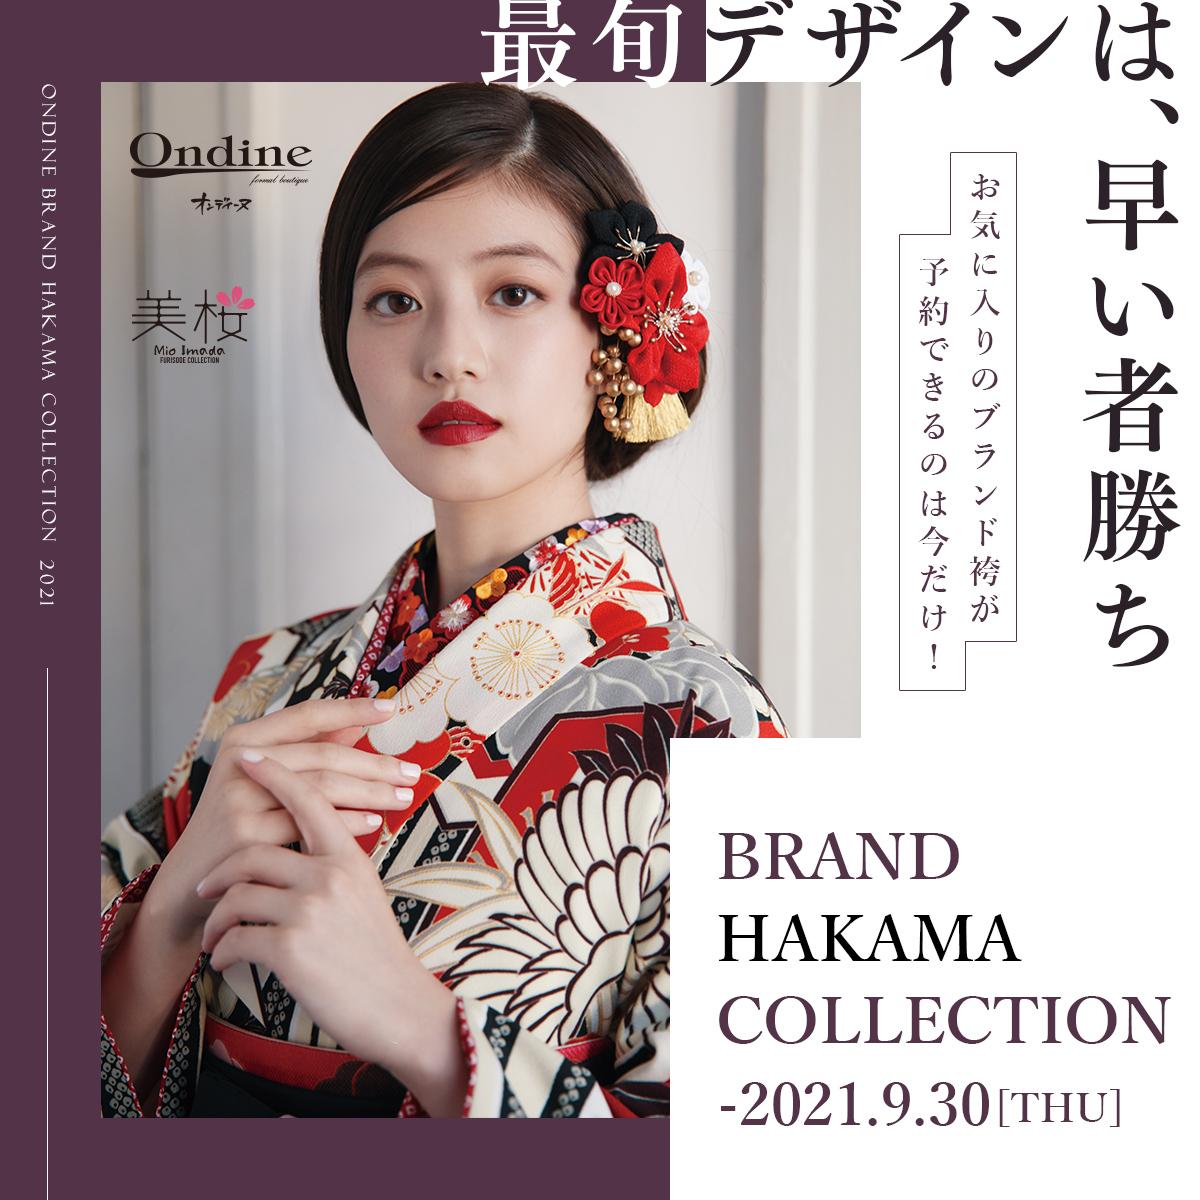 【川崎店】BRAND HAKAMA COLLECTION開催!